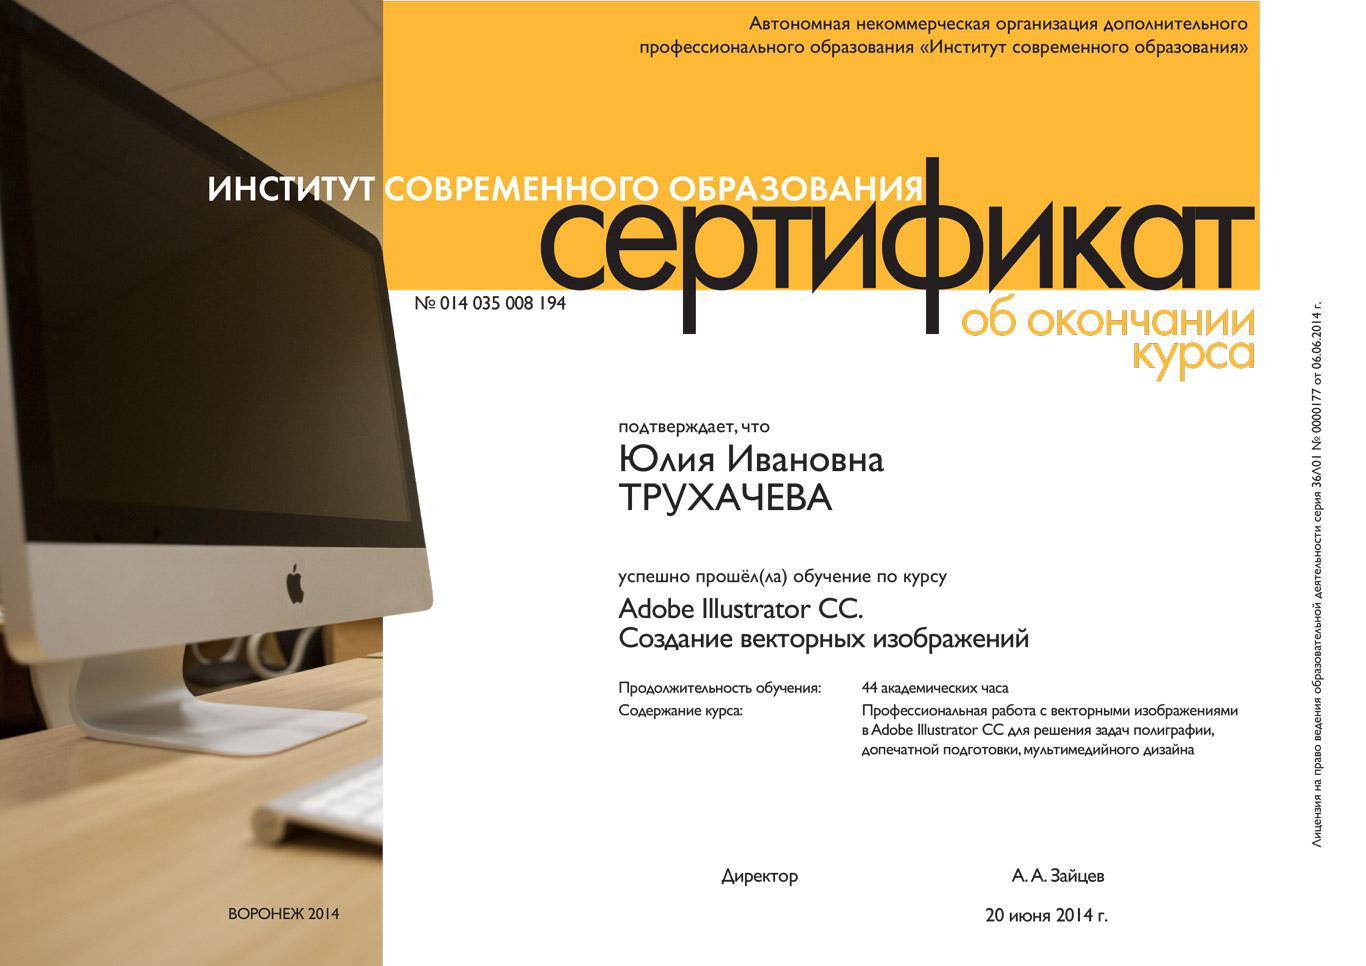 Сертификат по курсу Adobe Illustrator CС. Создание векторных изображений